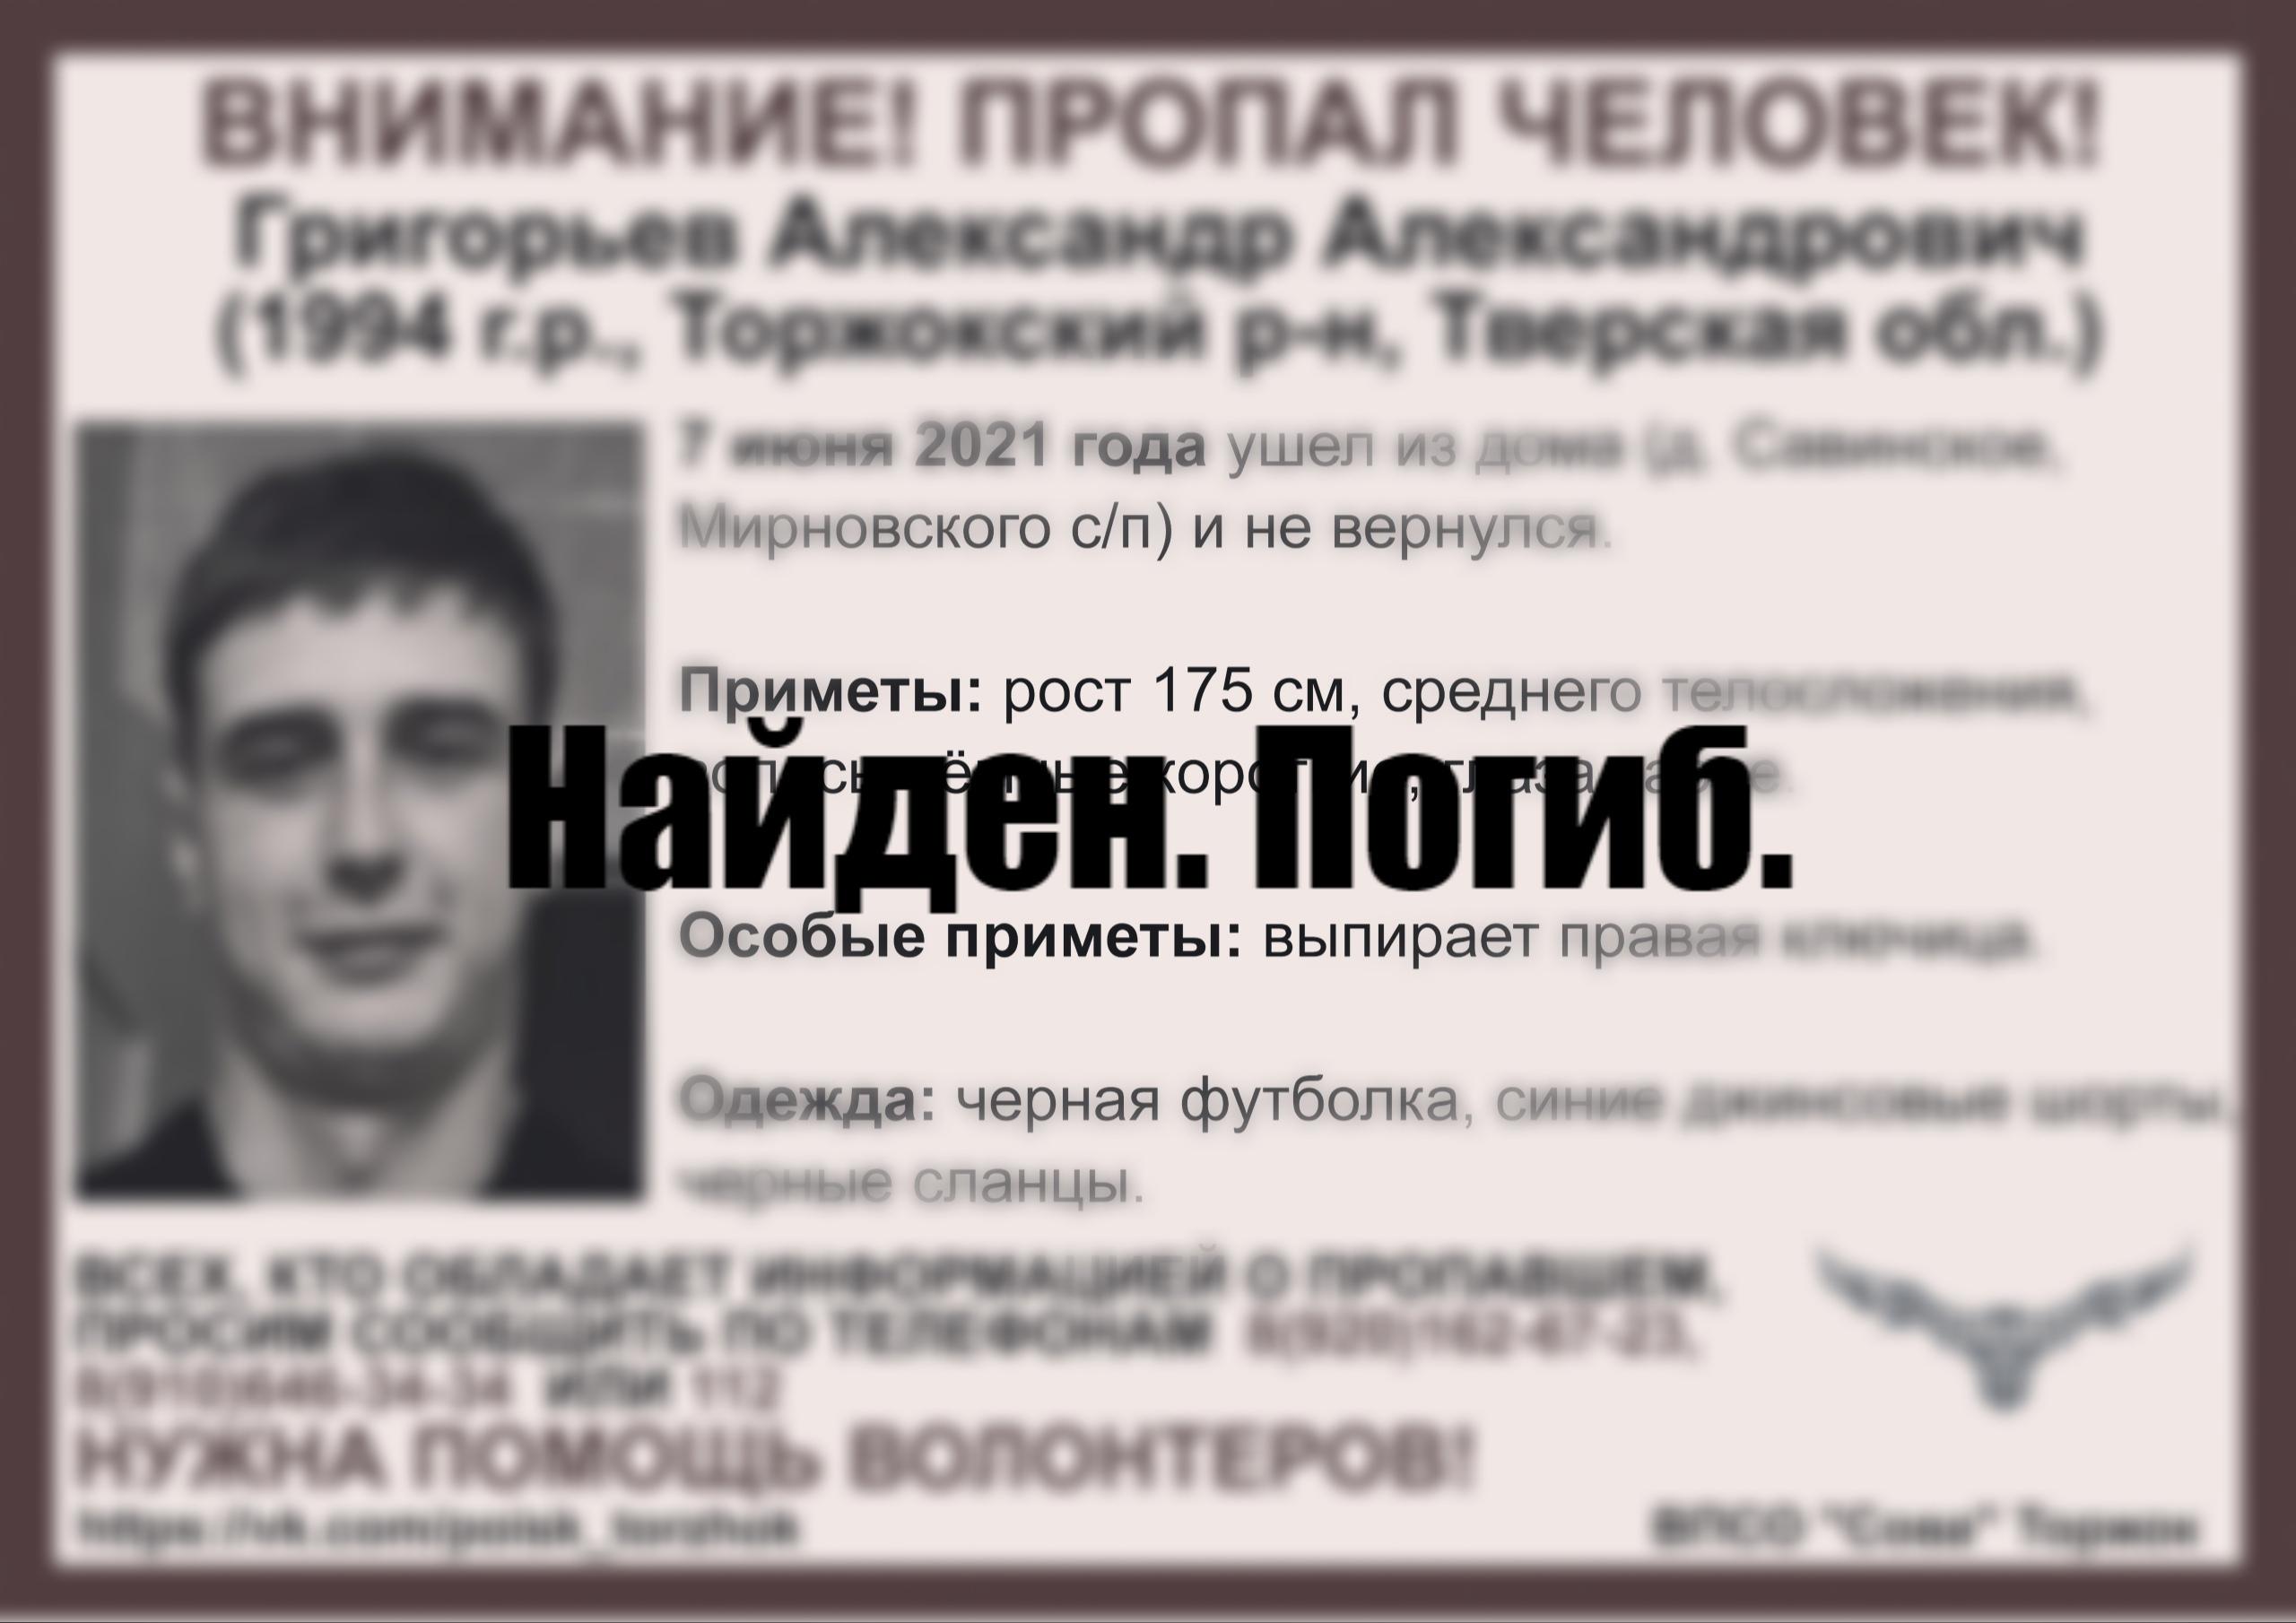 Пропавший в Тверской области молодой человек найден погибшим в поле